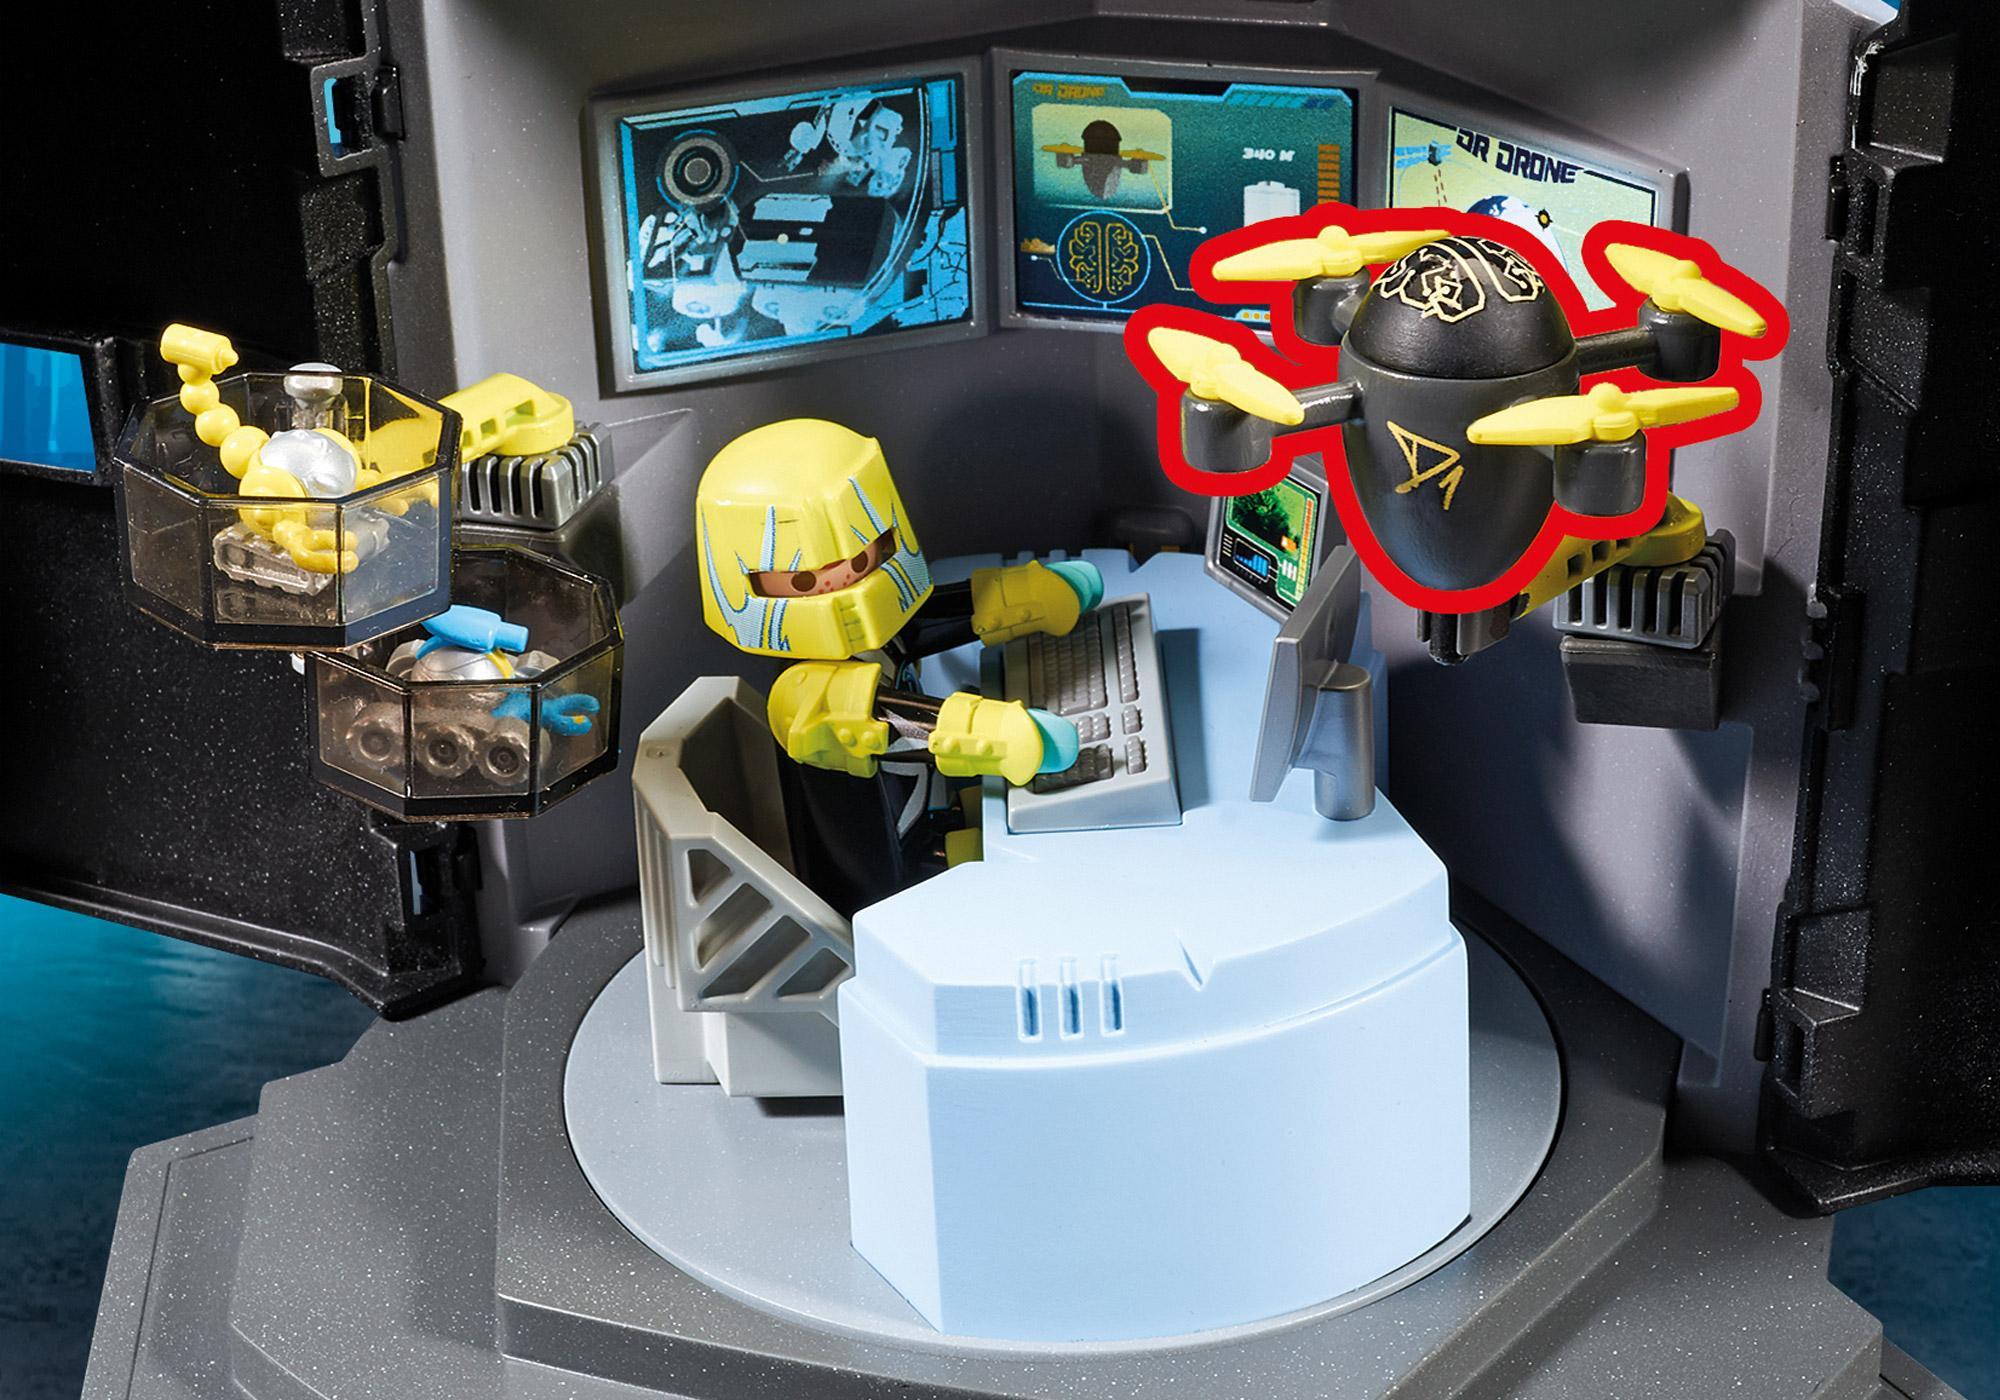 http://media.playmobil.com/i/playmobil/9250_product_extra2/Centro de Comando do Dr. Drone